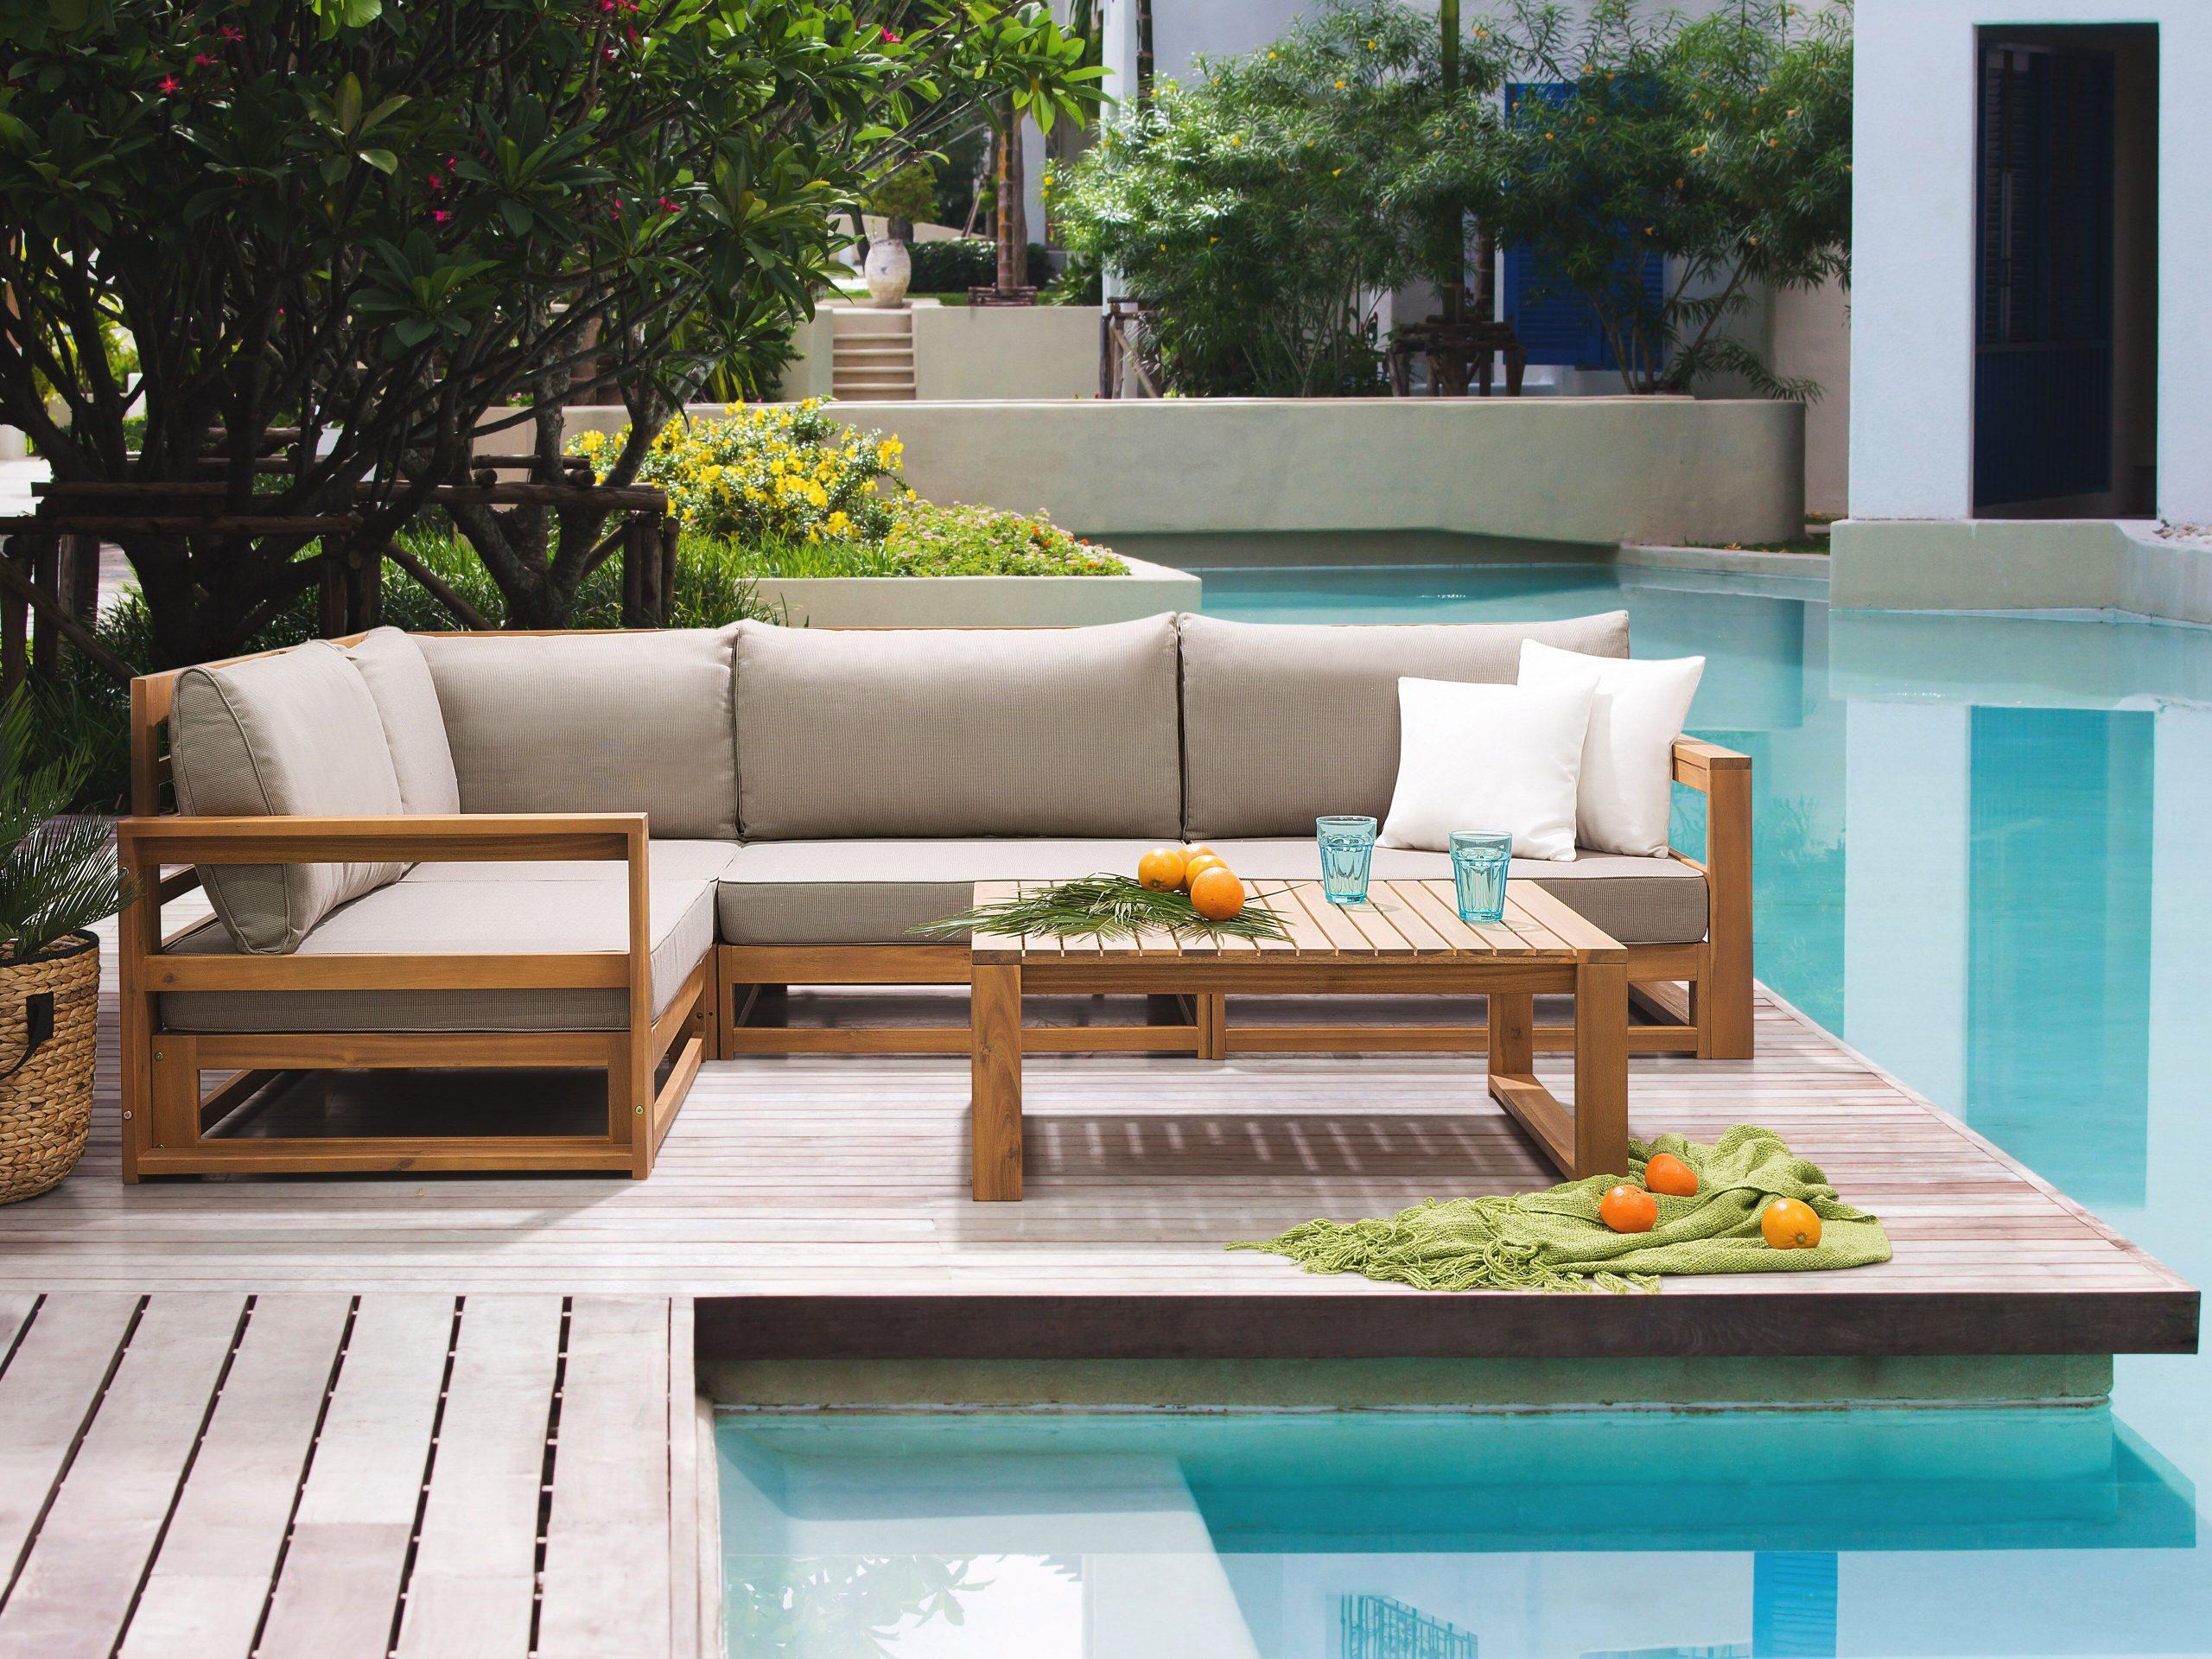 Full Size of Lounge Set Zertifiziertes Holz Braun Timor Belianide Modulküche Loungemöbel Garten Sofa Mit Holzfüßen Altholz Esstisch Regale Holzhaus Küche Weiß Alu Wohnzimmer Loungemöbel Holz